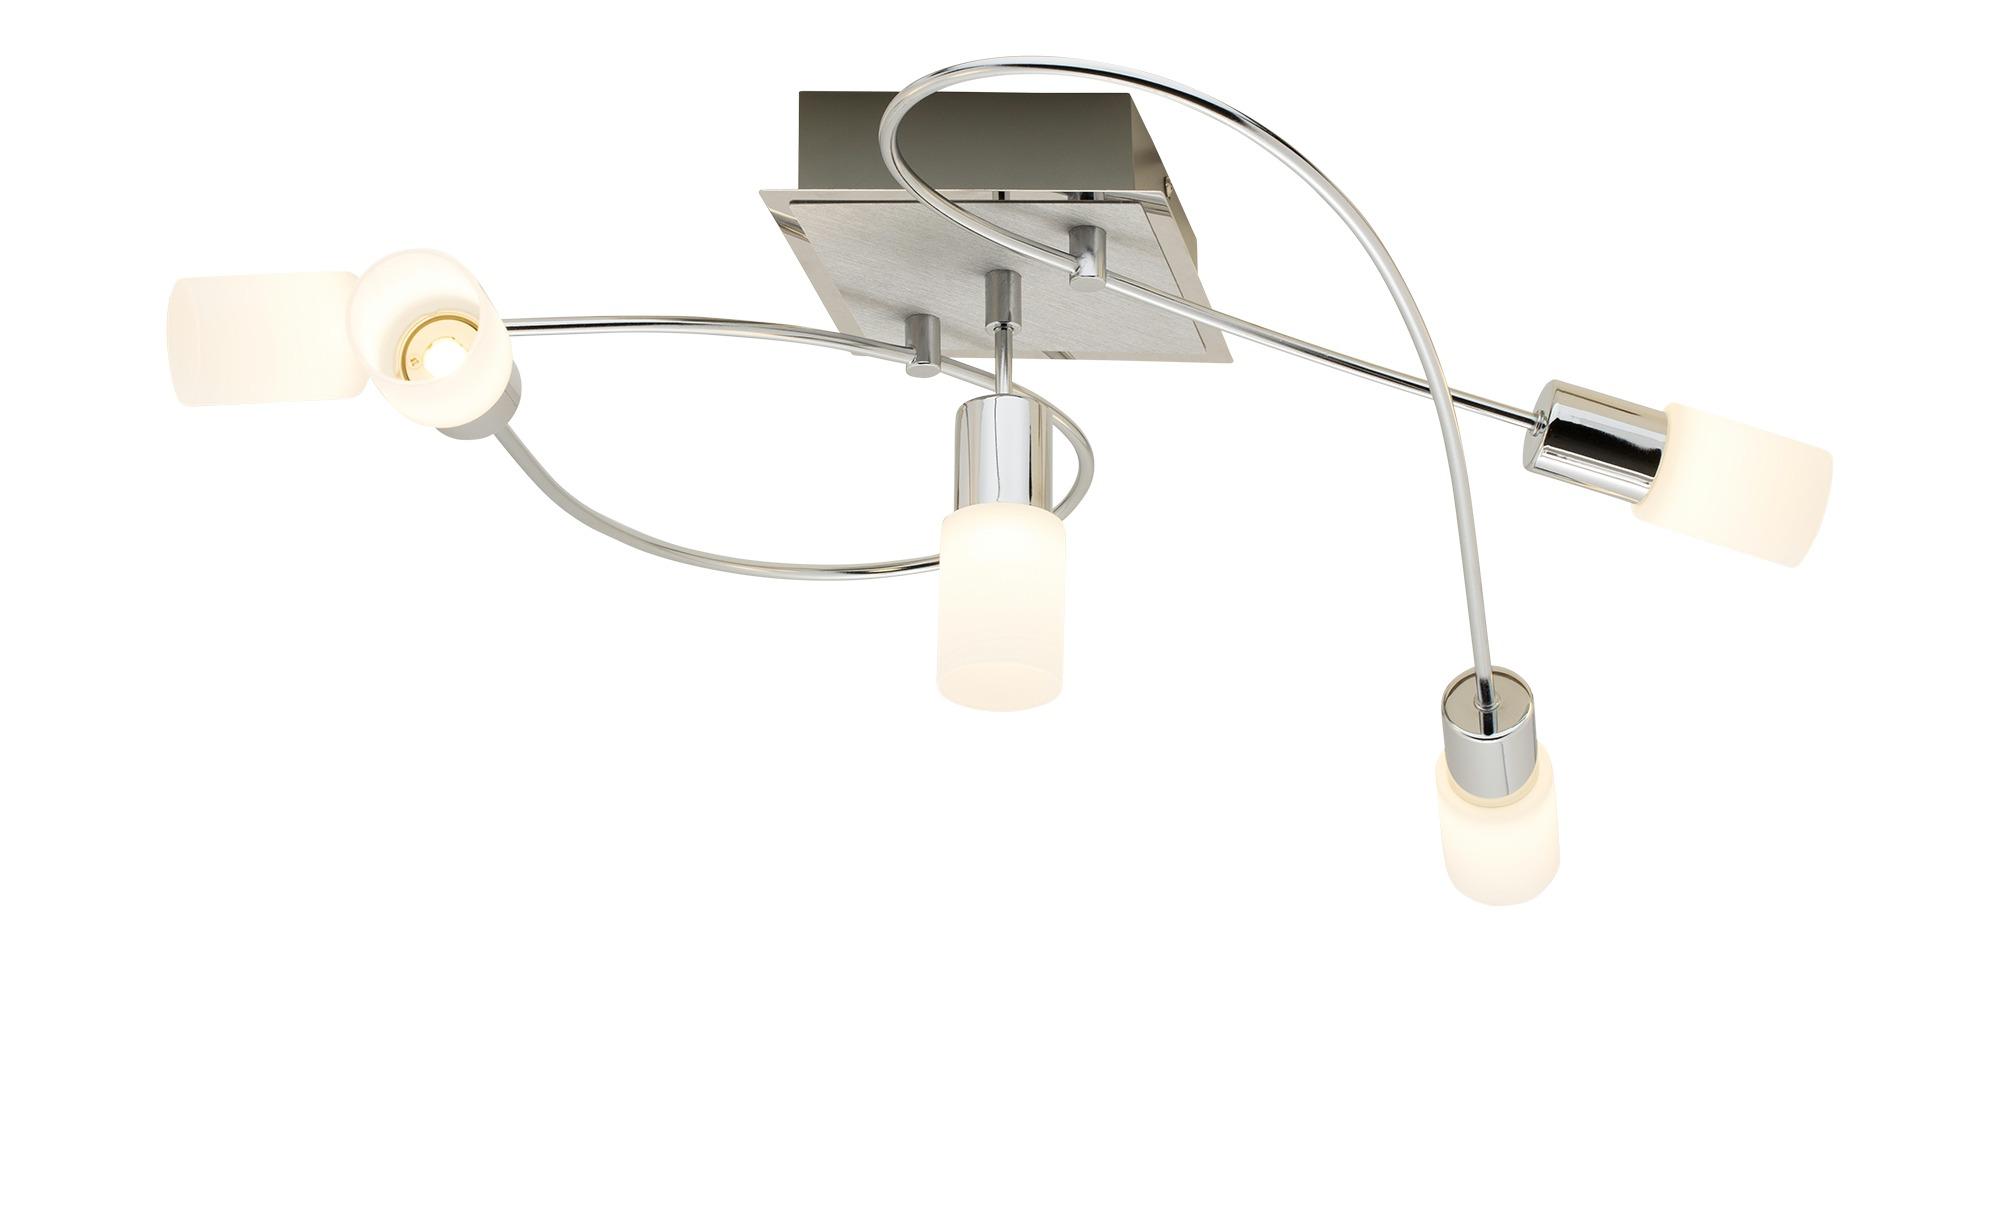 Trio LED Deckenleuchte Metallarme gebogen ¦ silber ¦ Maße (cm): B: 23 H: 70 Lampen & Leuchten > Innenleuchten > Deckenleuchten - Höffner